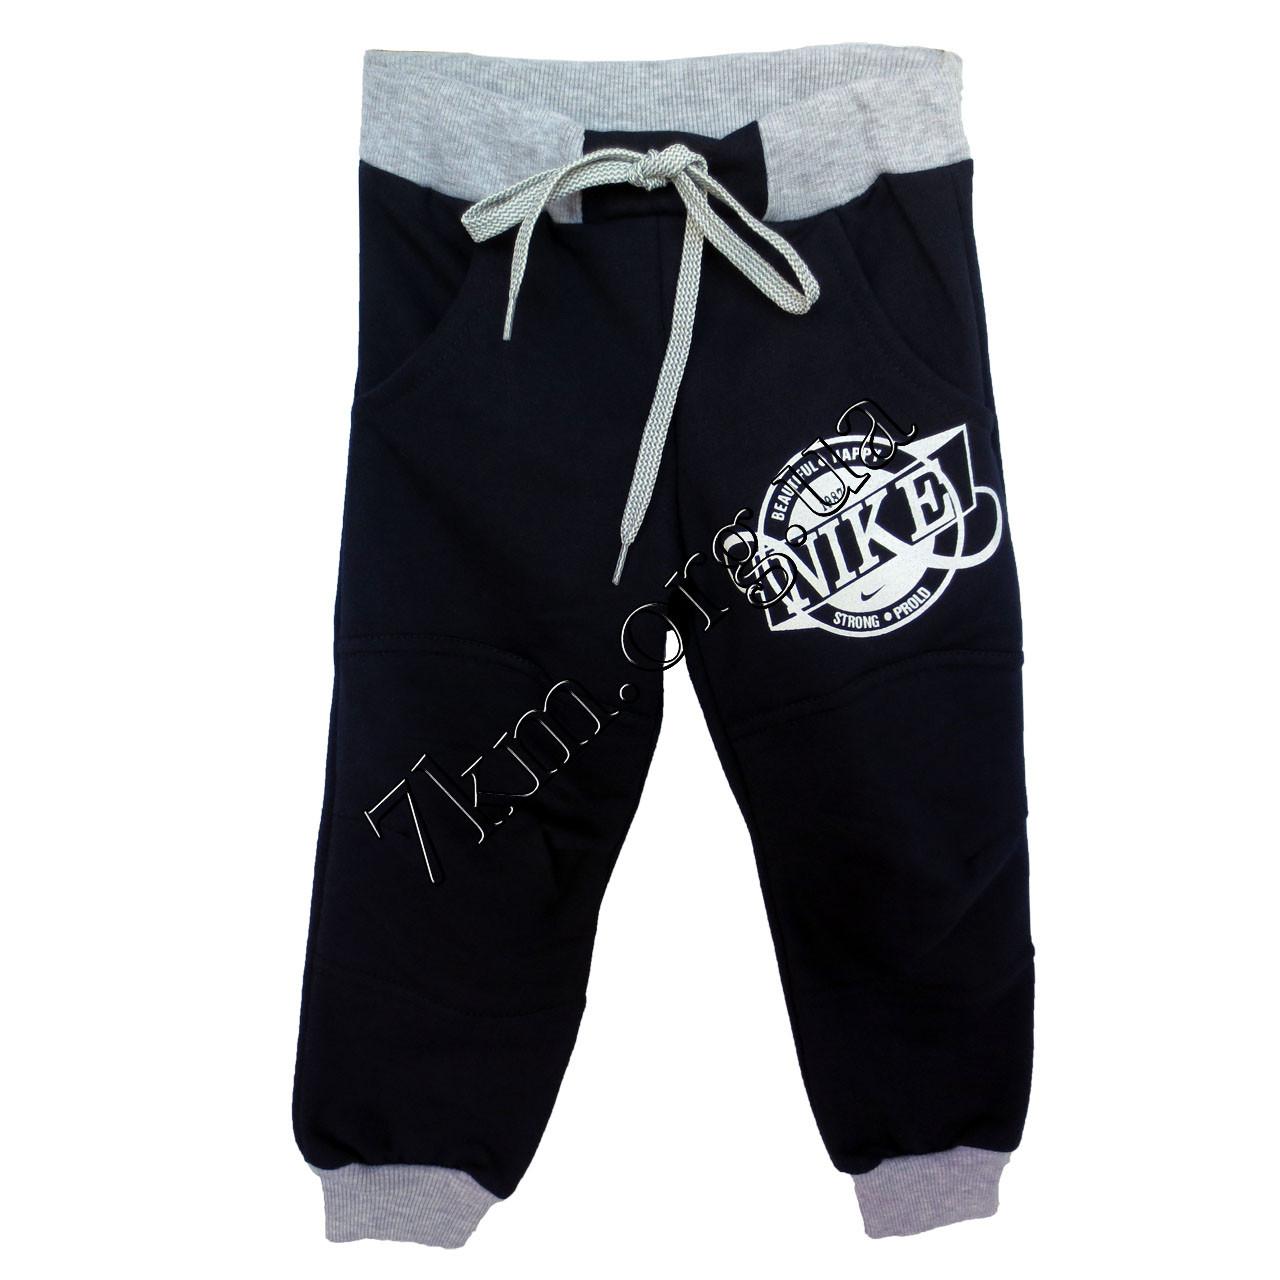 Спортивные штаны Реплика Nike для мальчиков (2-5лет) трикотажные Т Синие